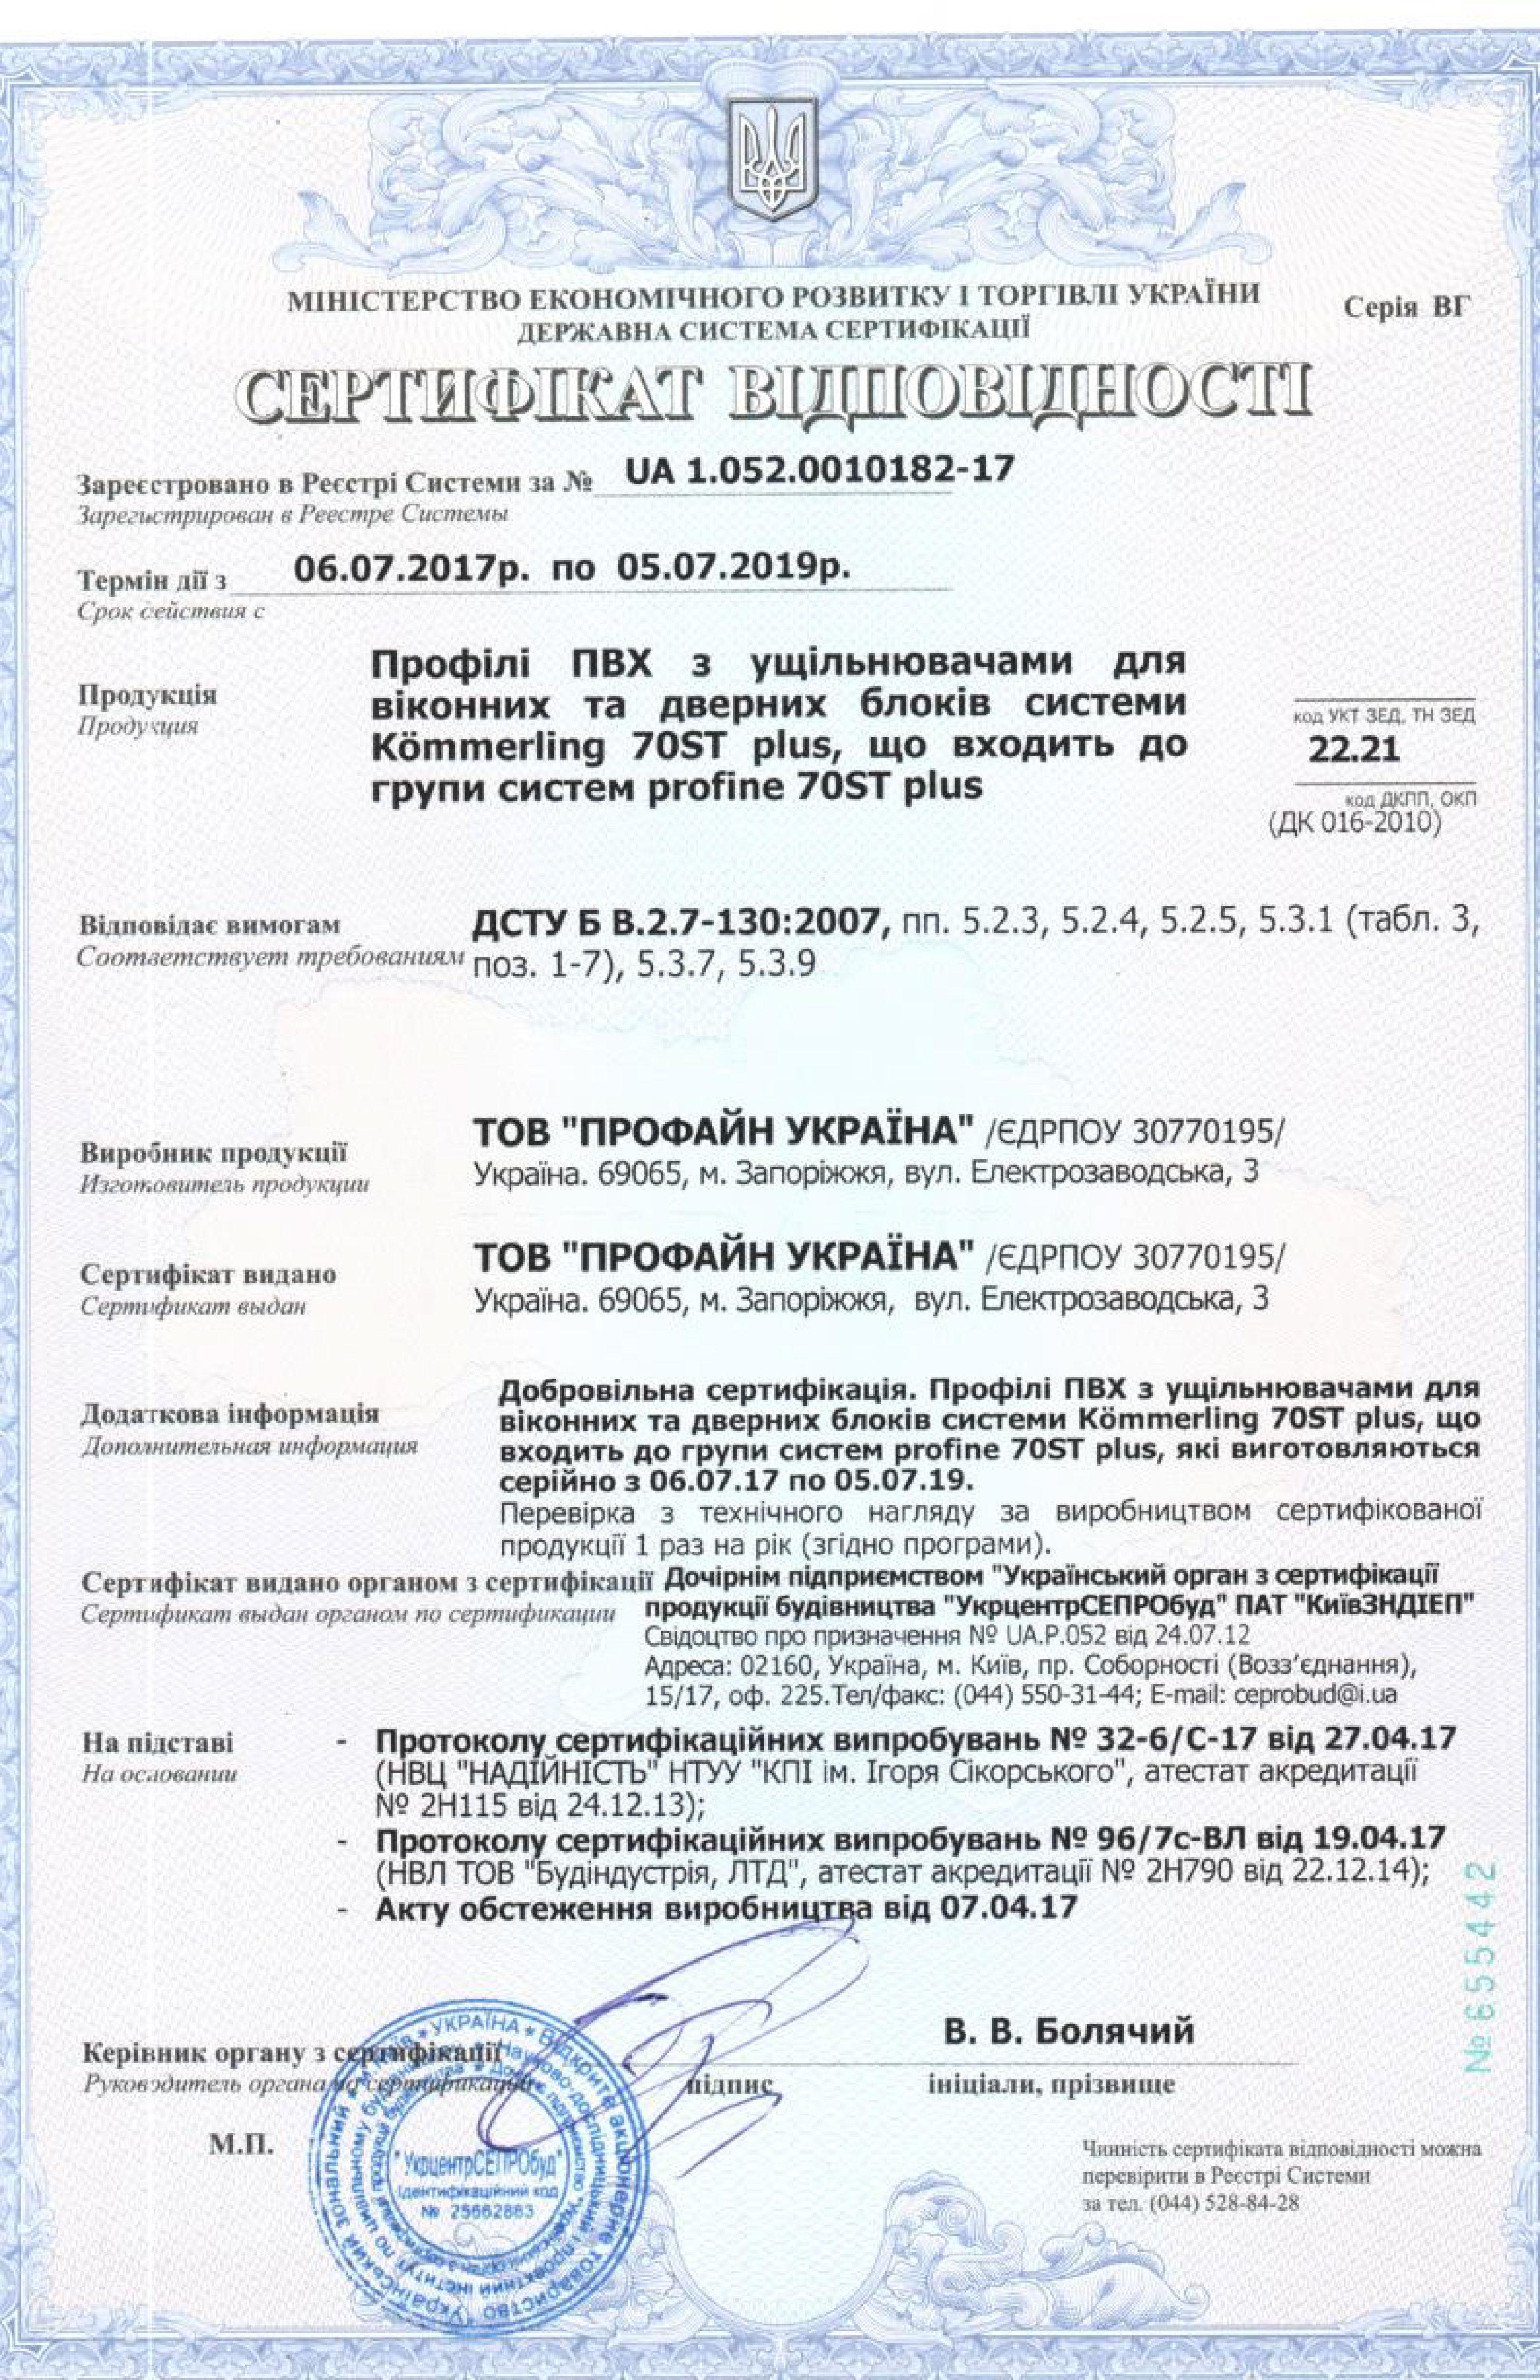 KOMMERLING870ST сертификат